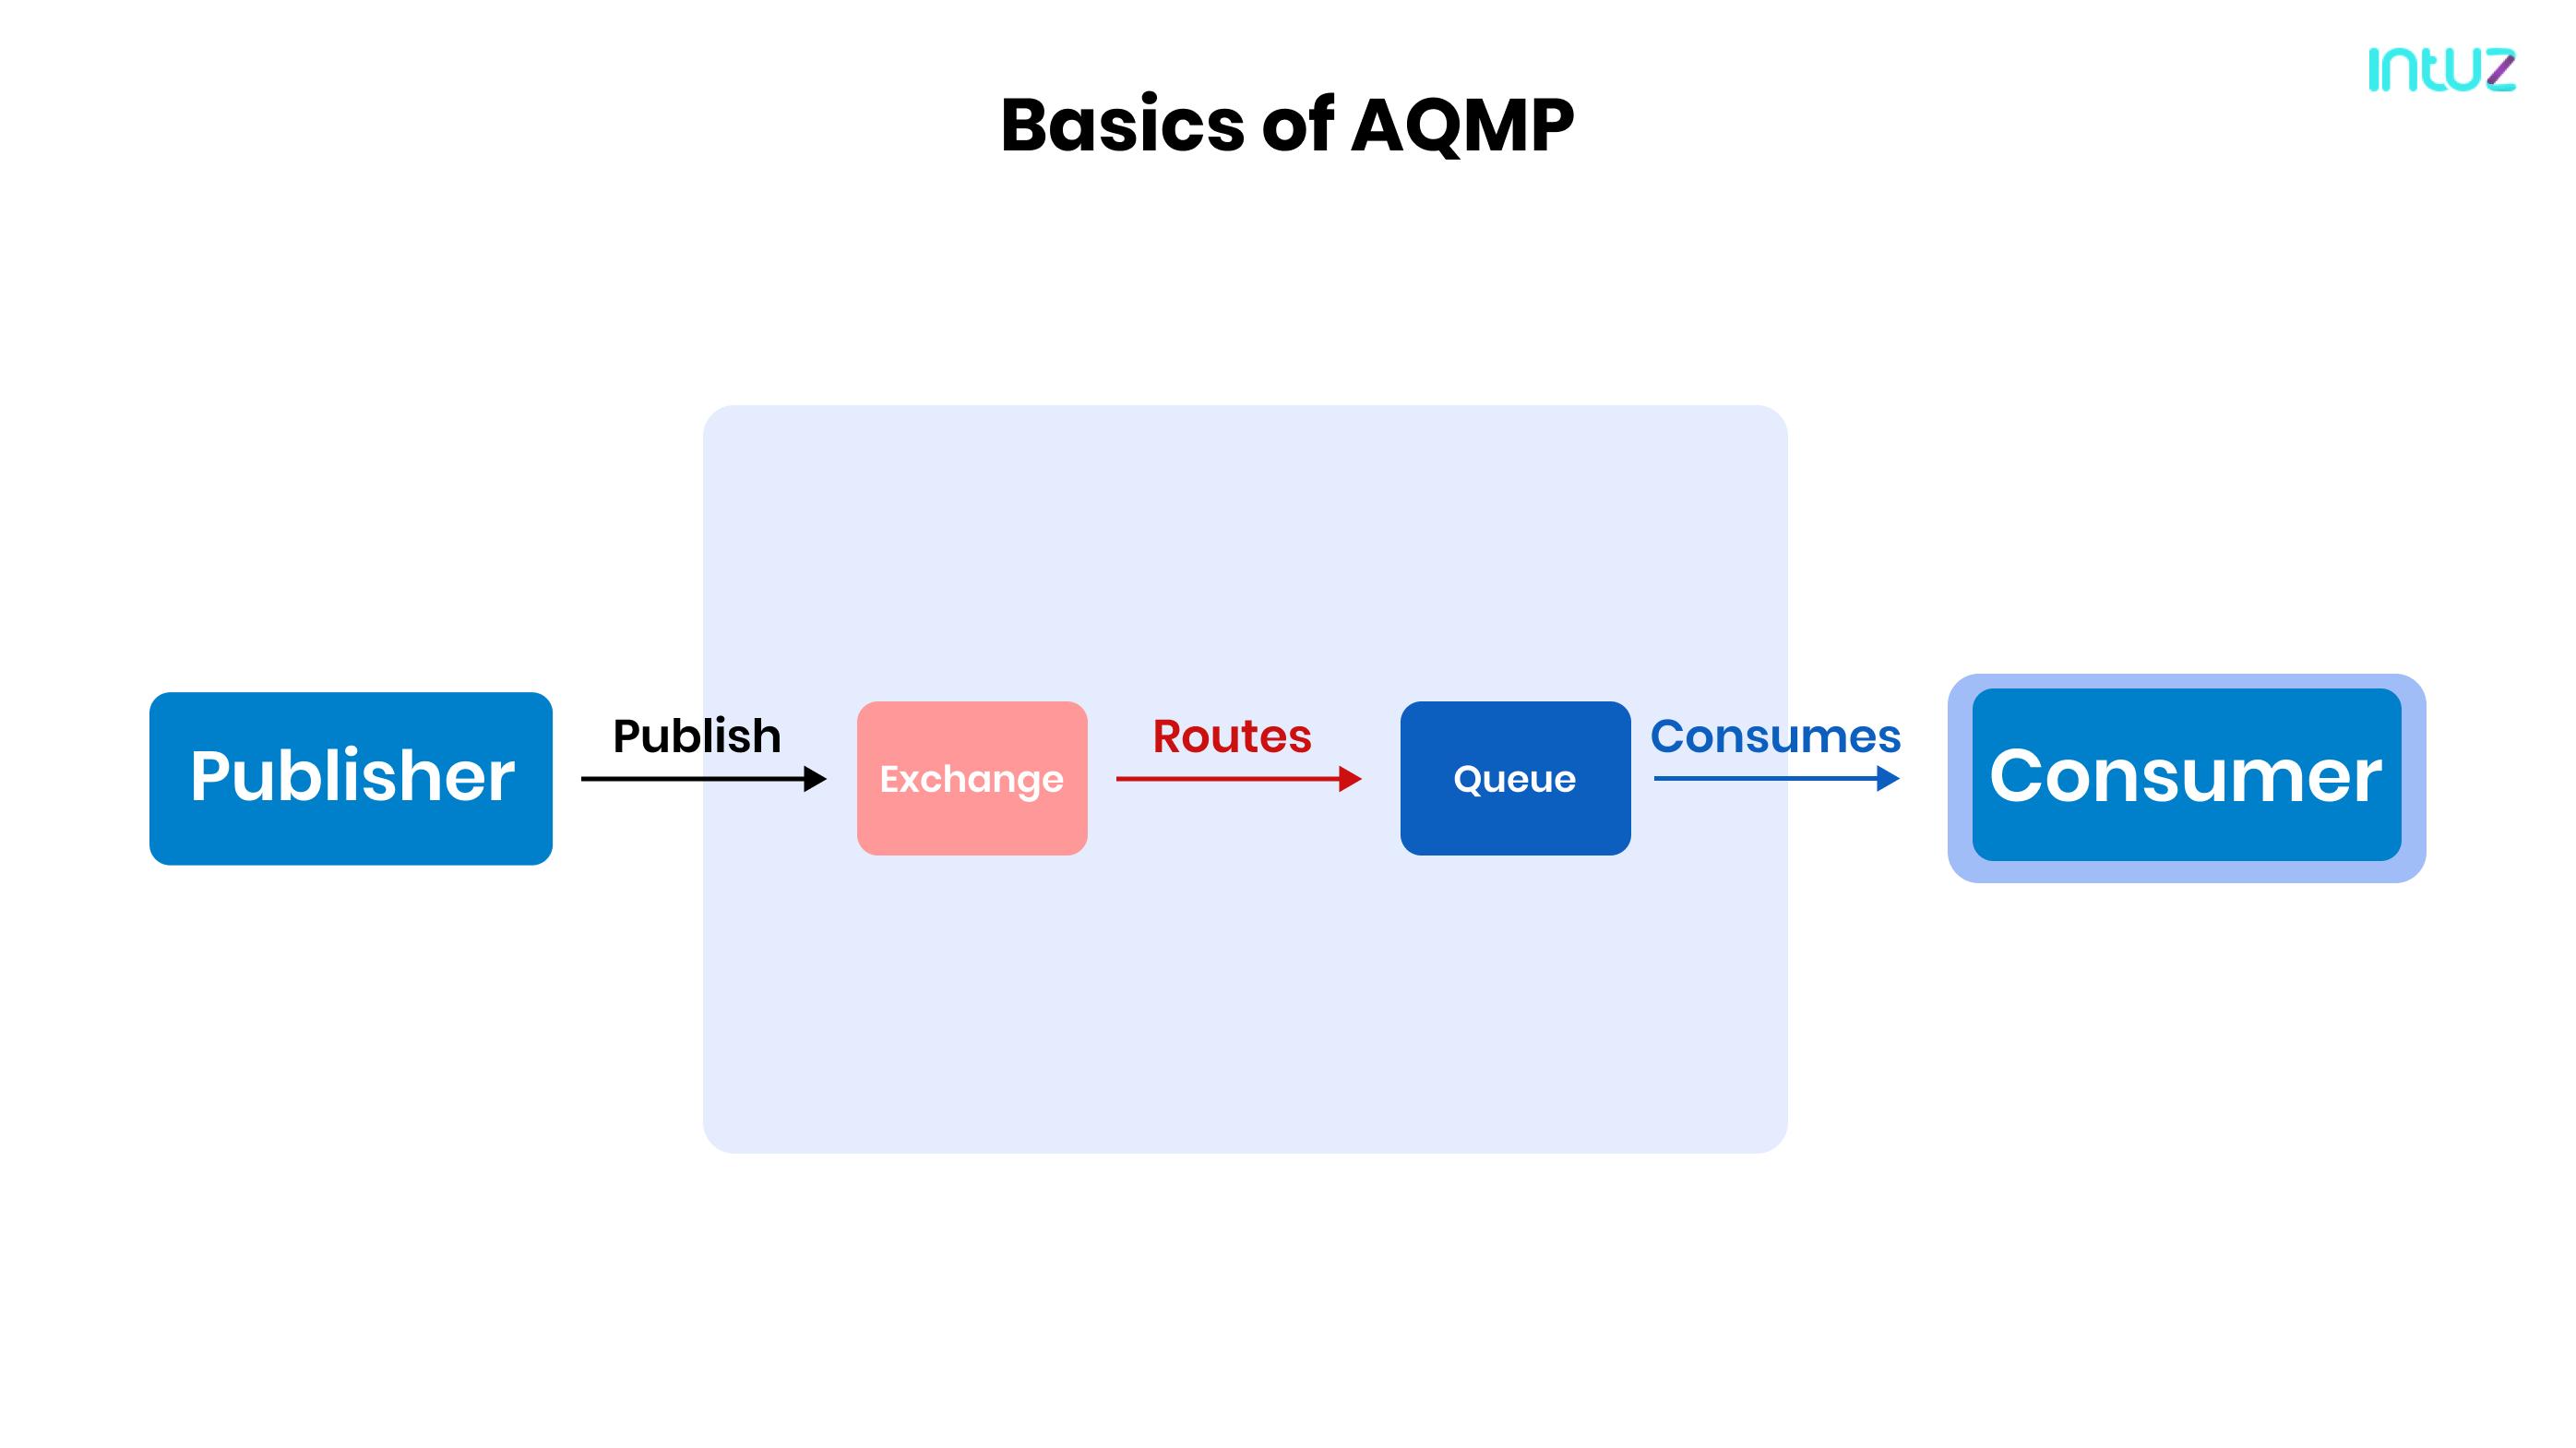 Basics of AQMP